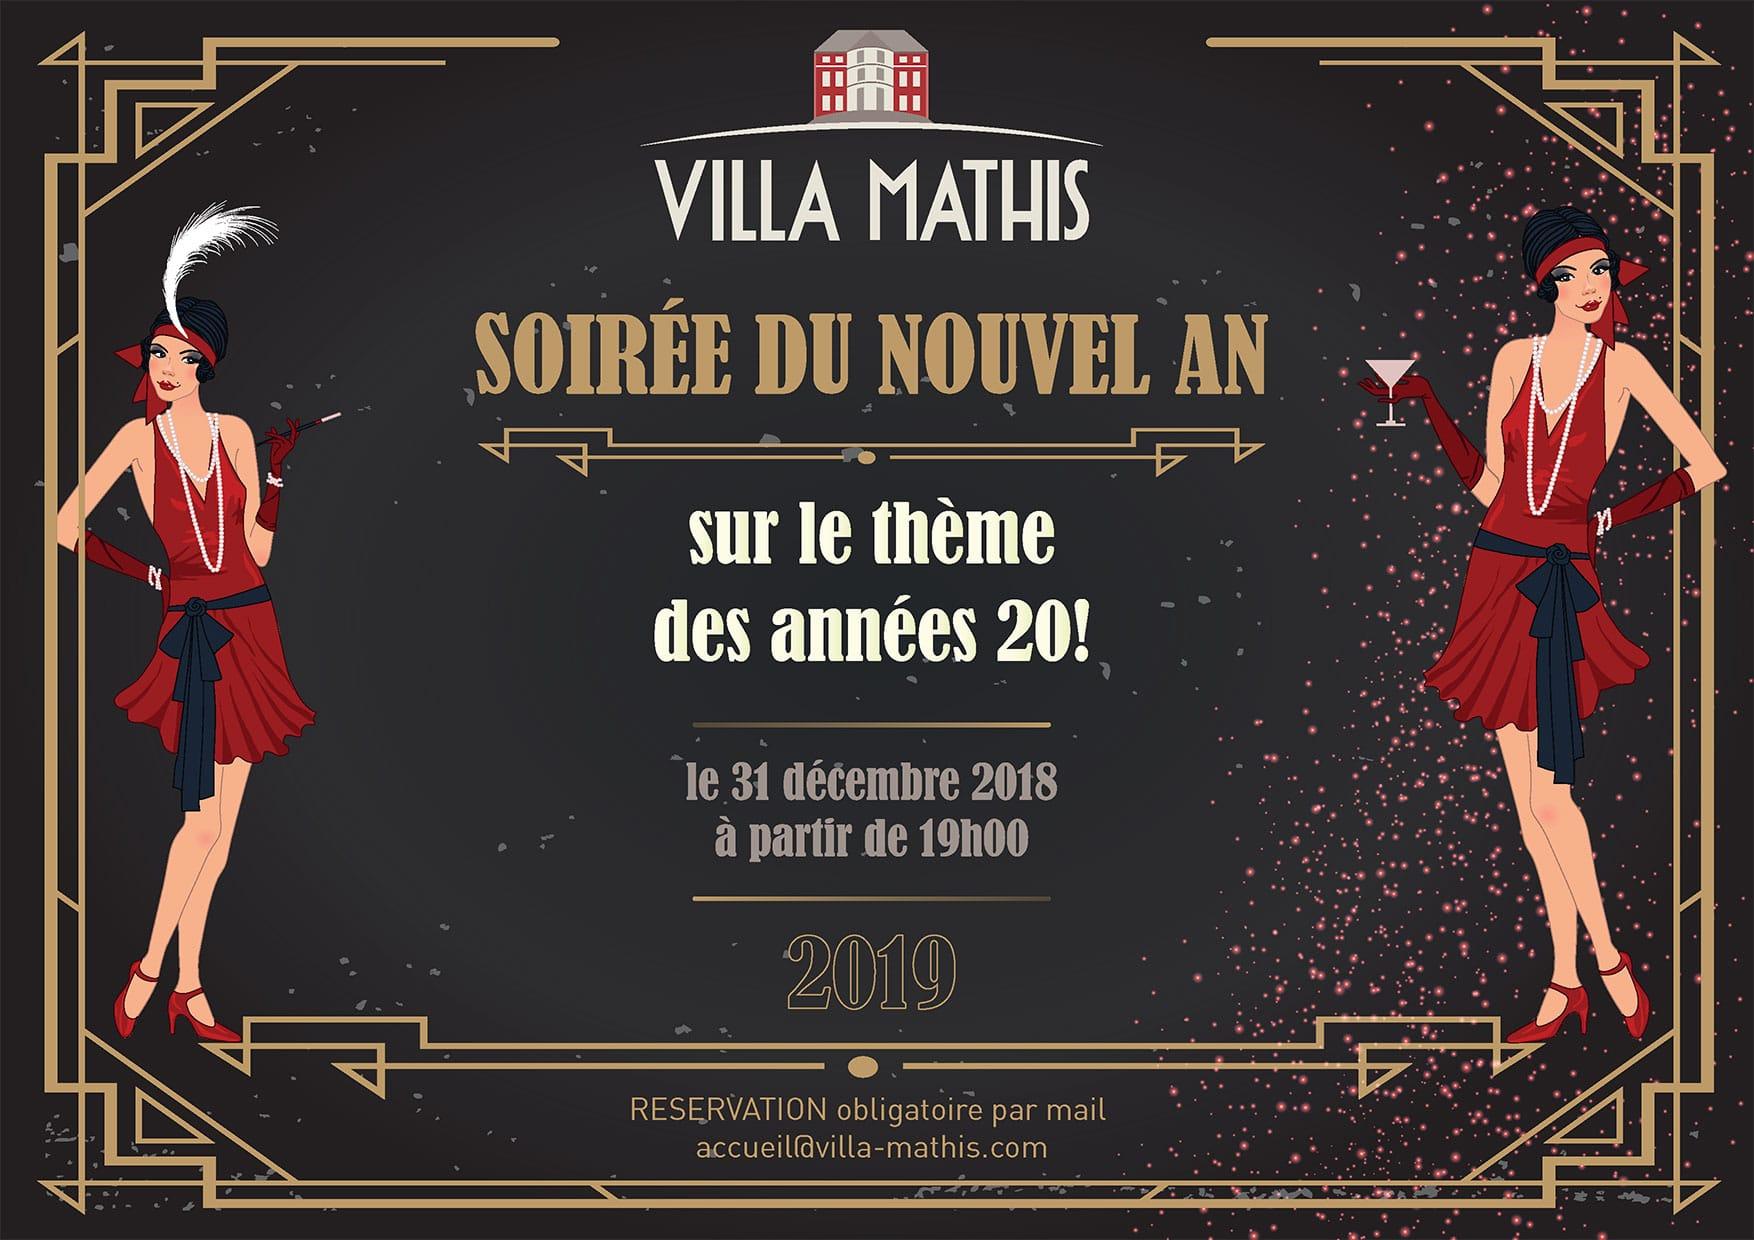 2018/2019 : Nouvel an en Alsace